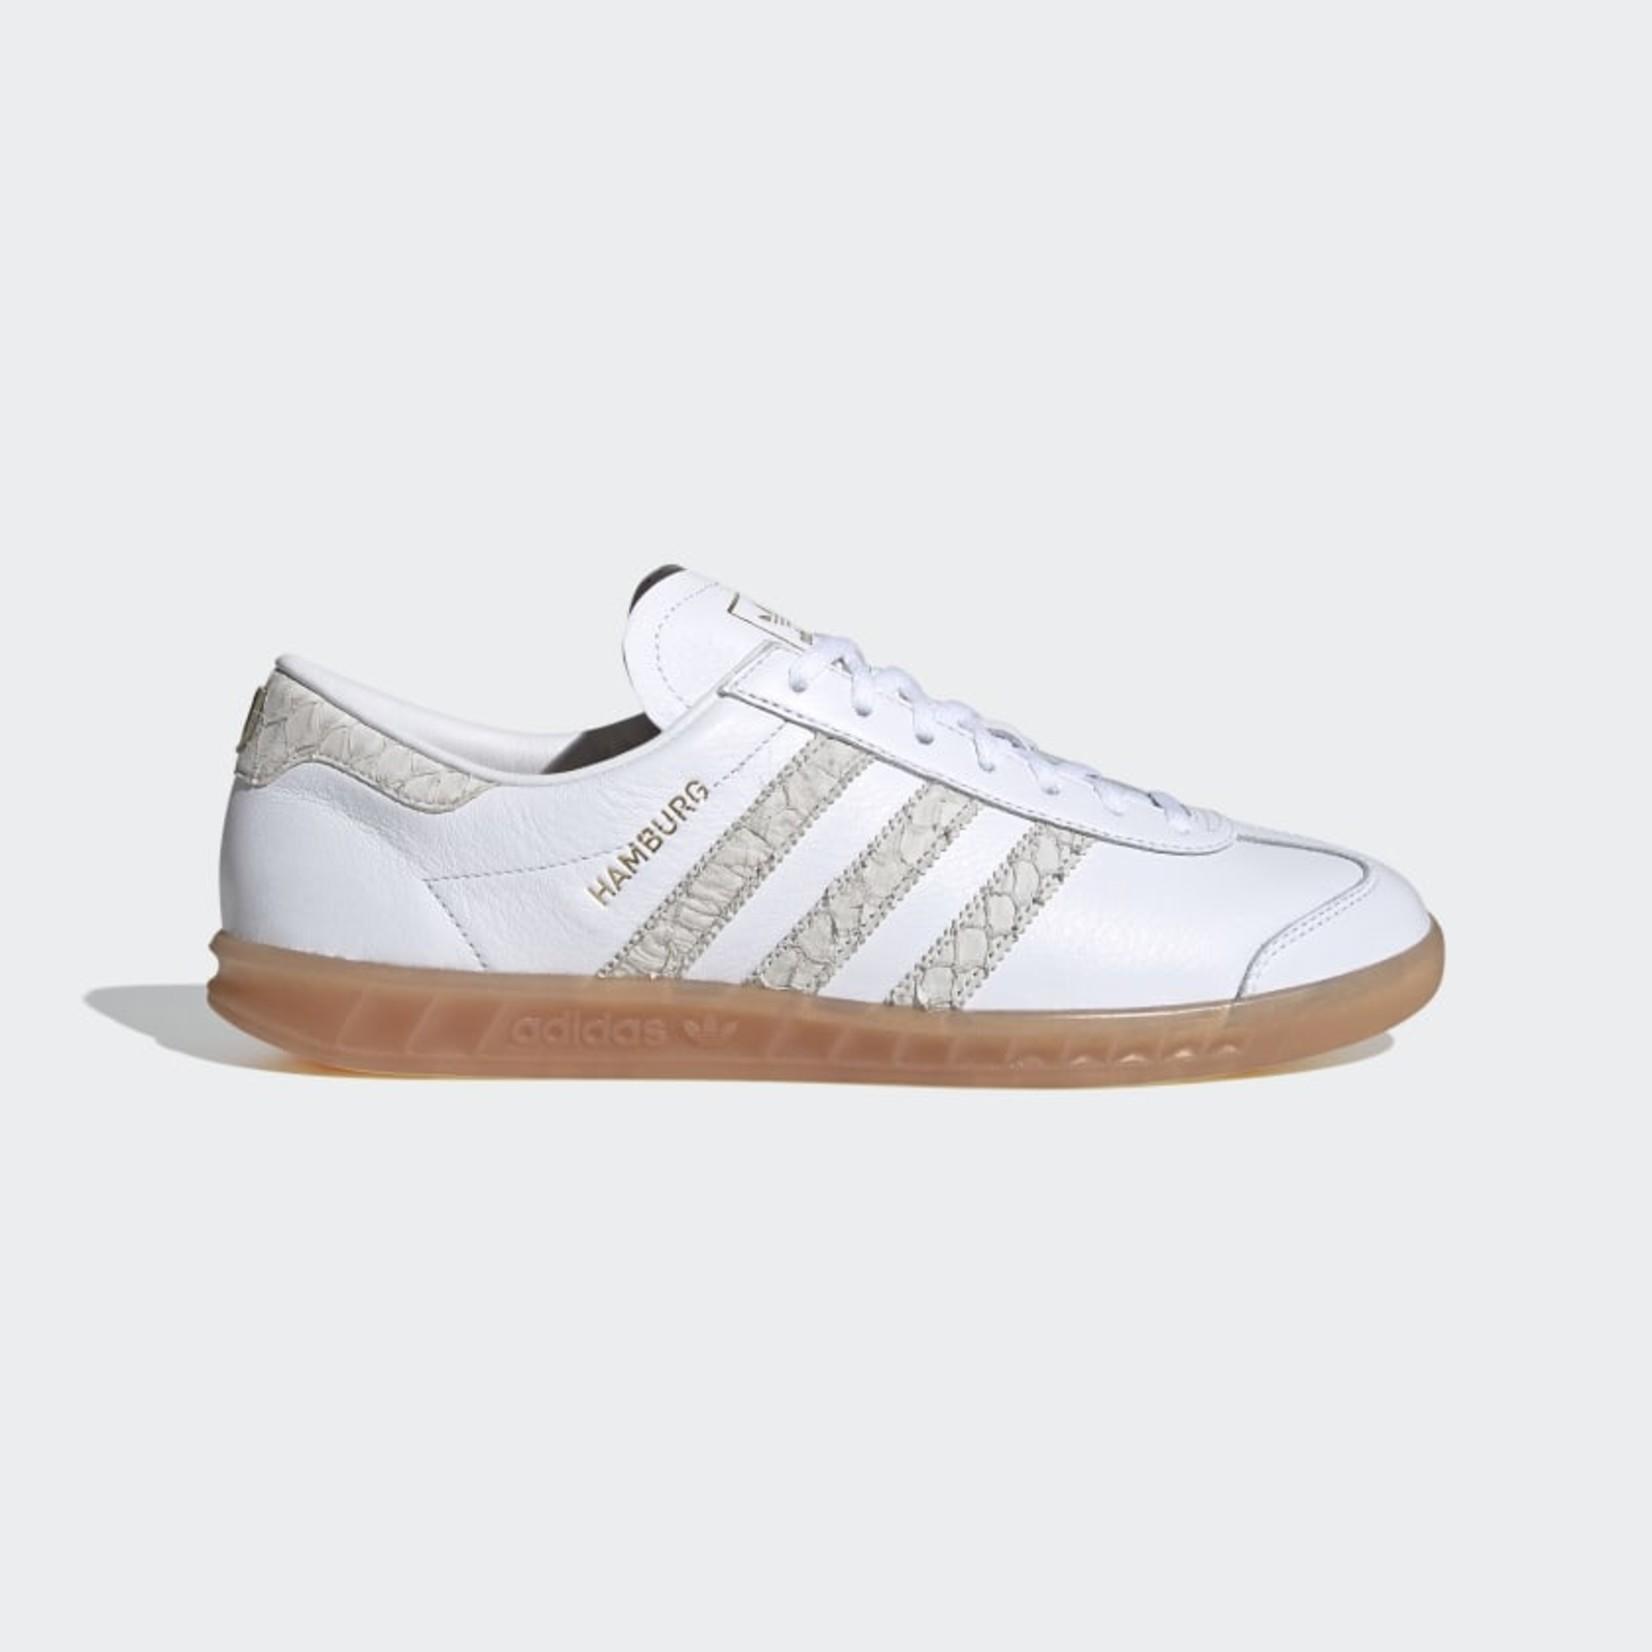 Adidas Hamburg Ftwwht/Silvmt/Gretwo